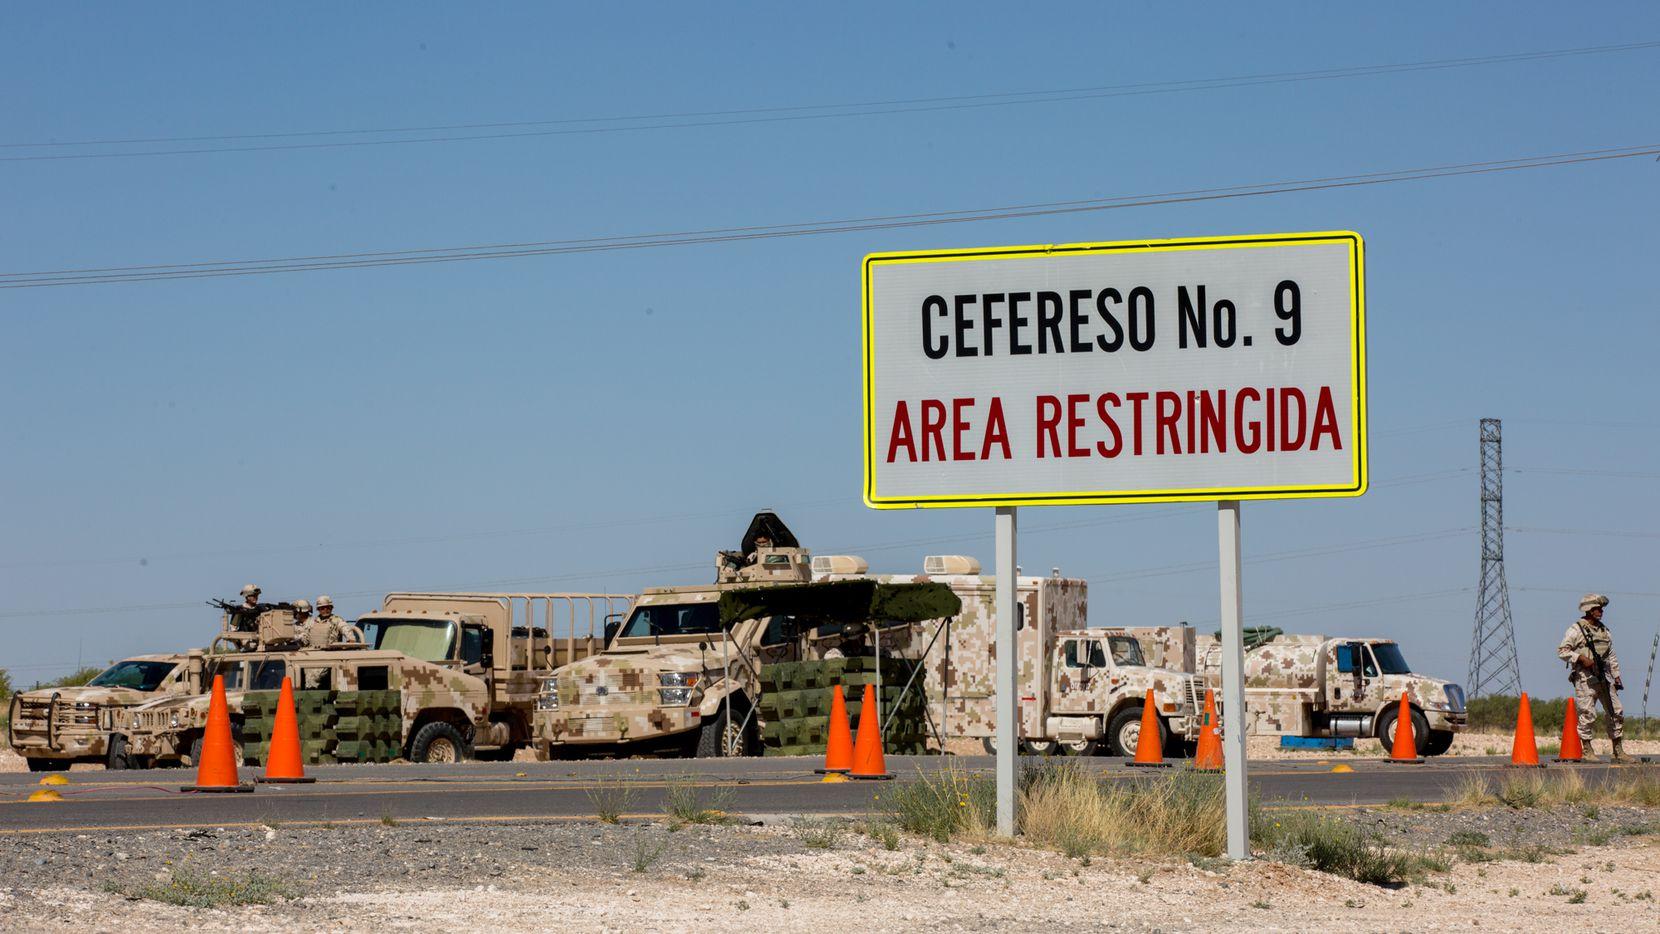 Soldados mexicanos resguardan la entrada a la prisión federal Cefereso No.9, en Samalayuca, cerca de la frontera con Texas. Foto: CORTNEY PEDROZA/ Walter Cronkite School of Journalism.